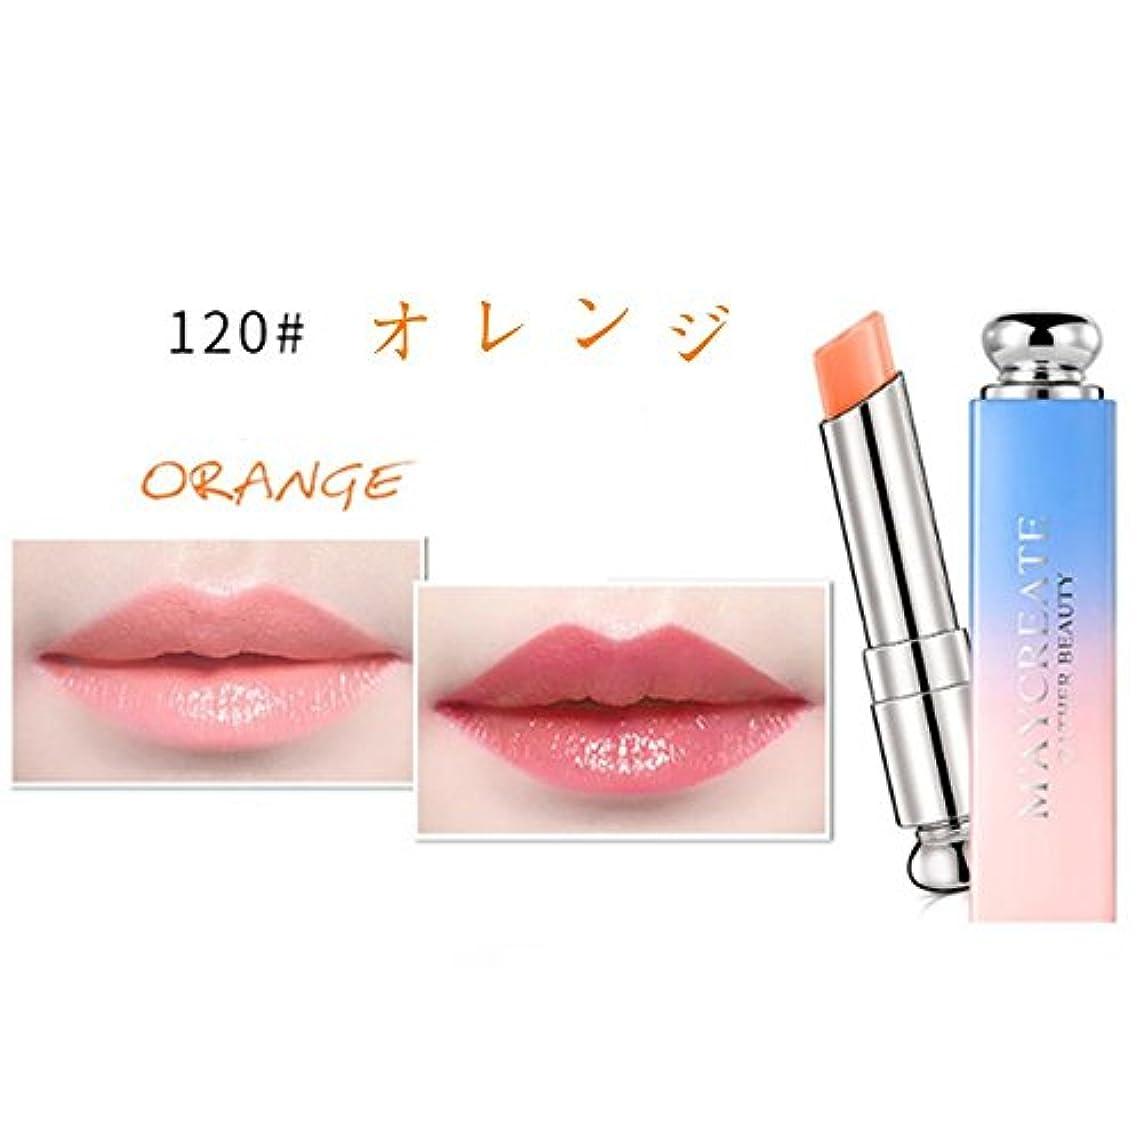 承認するこれまで辞書リップスティック うるおい 口紅 唇の温度で色が変化するリップ 優れる発色力 保湿 長持ち 3.8g (120#)